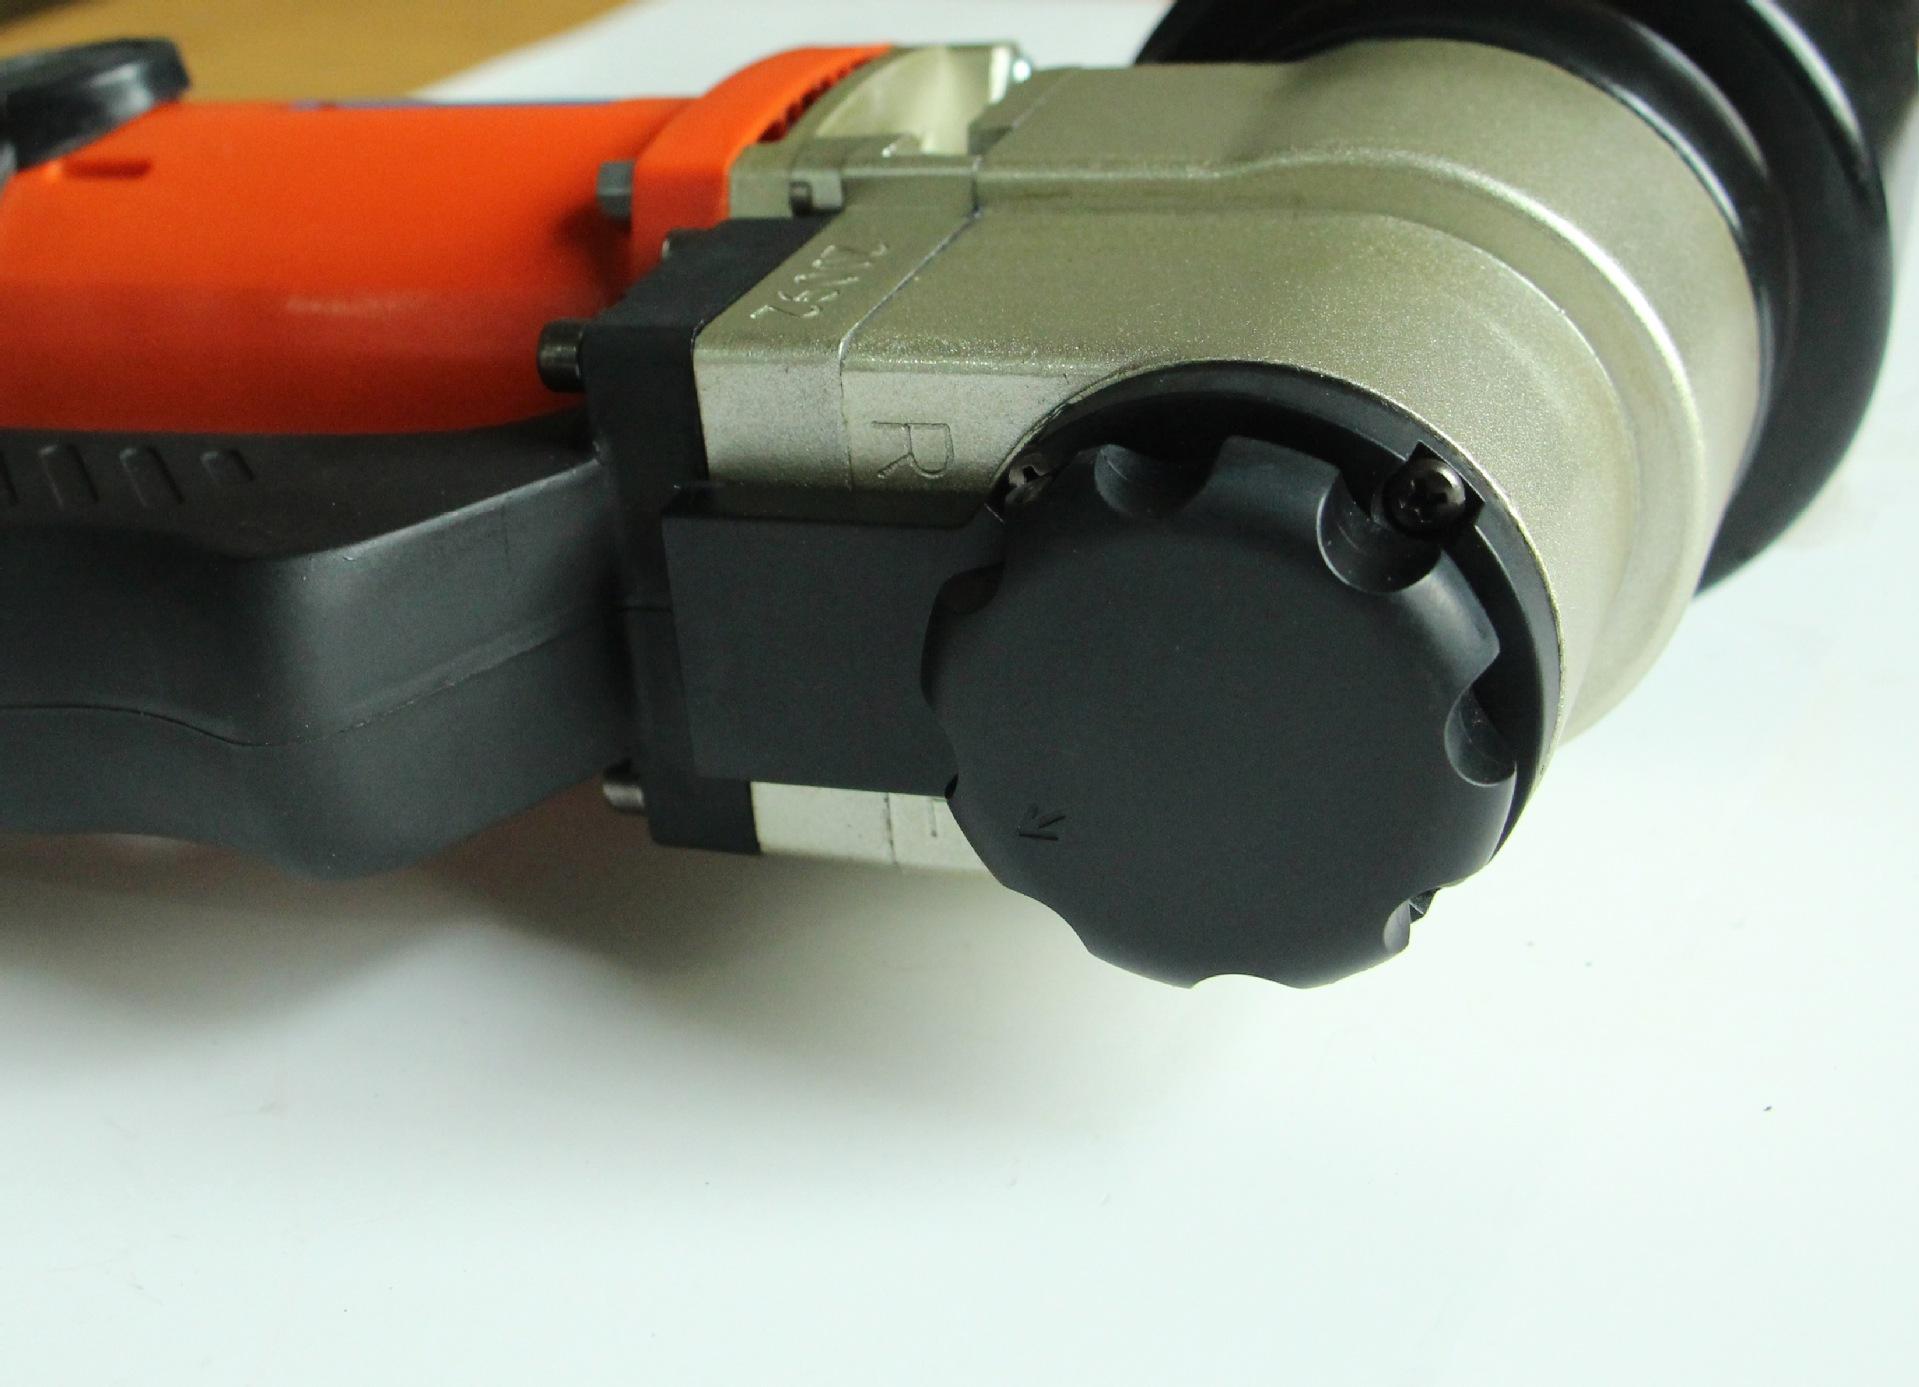 厂家直销600N.m电动扭力扳手 扭矩可调电动扭力扳手 精度高示例图2